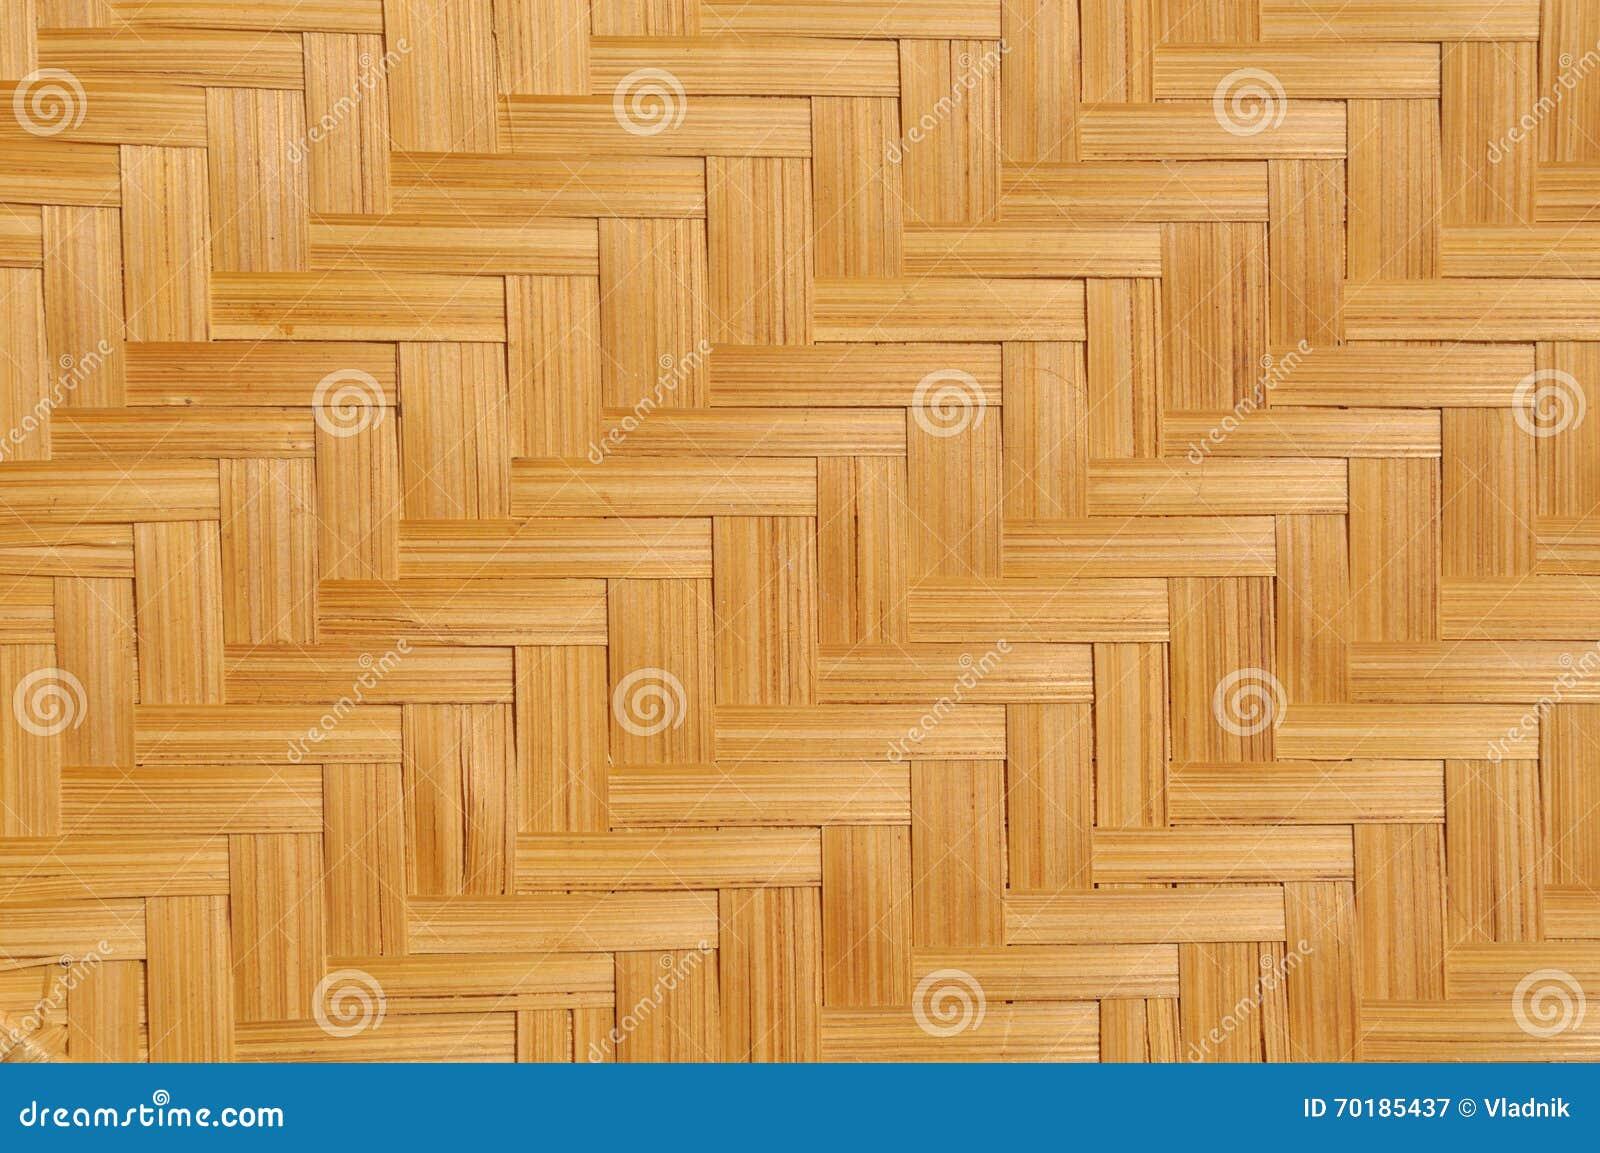 Matt vävd bambu